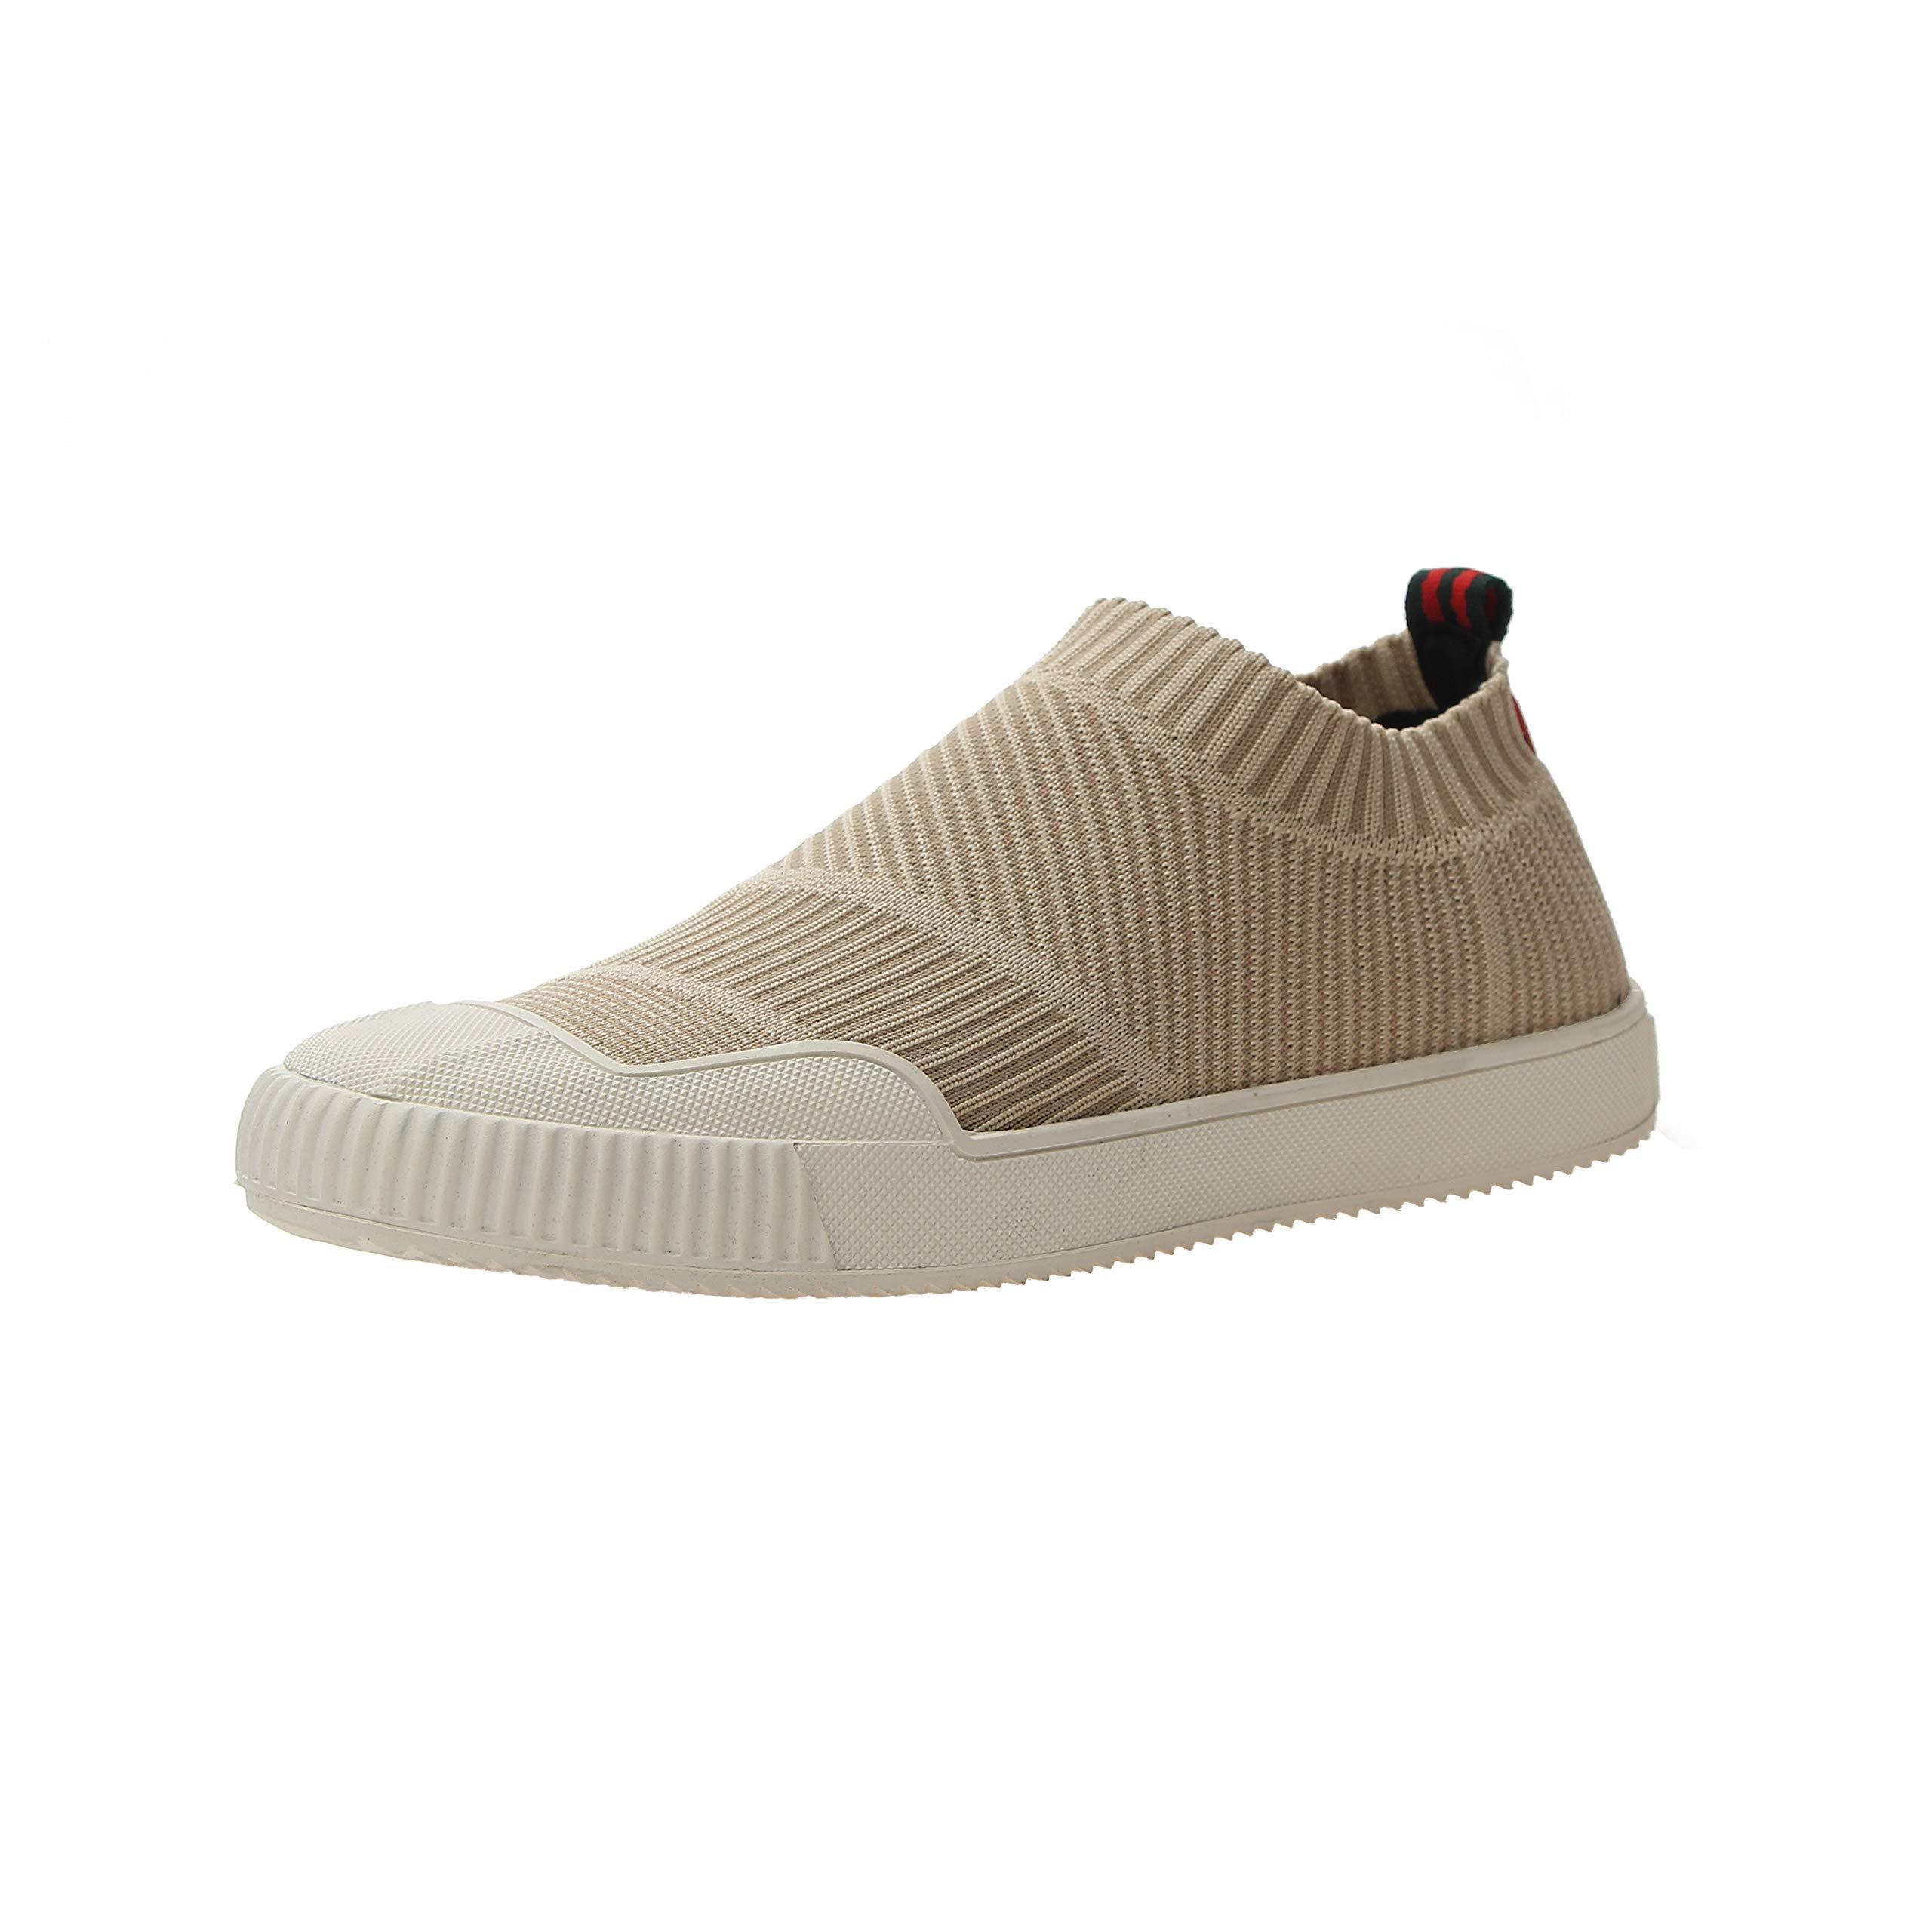 VOCANU TRE英国の春と夏の新しい伸縮性のある靴下靴高品質のコールドボンドシューズカジュアルシューズを飛ぶのを助けるために低く